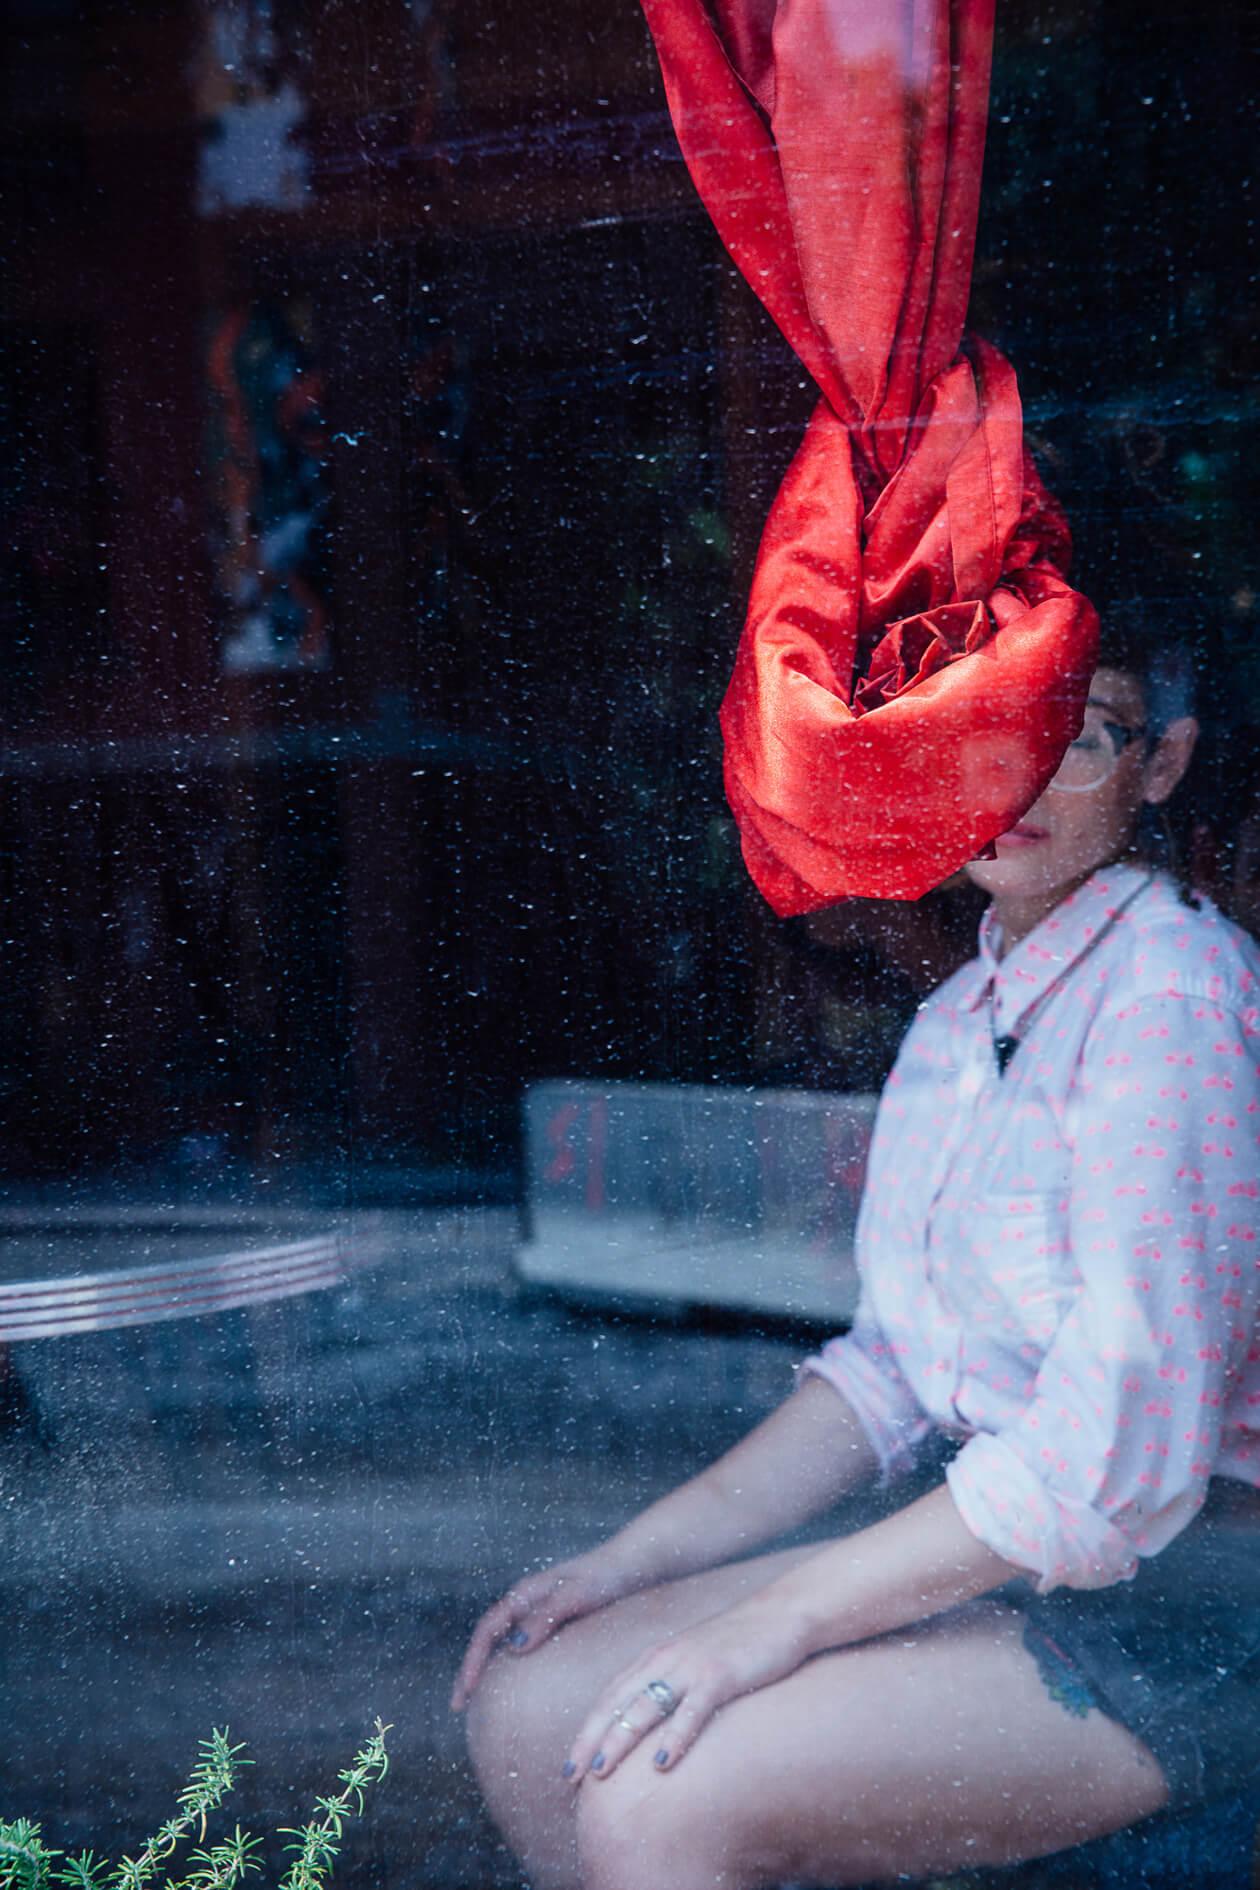 Photograph by Valerian Mazataud